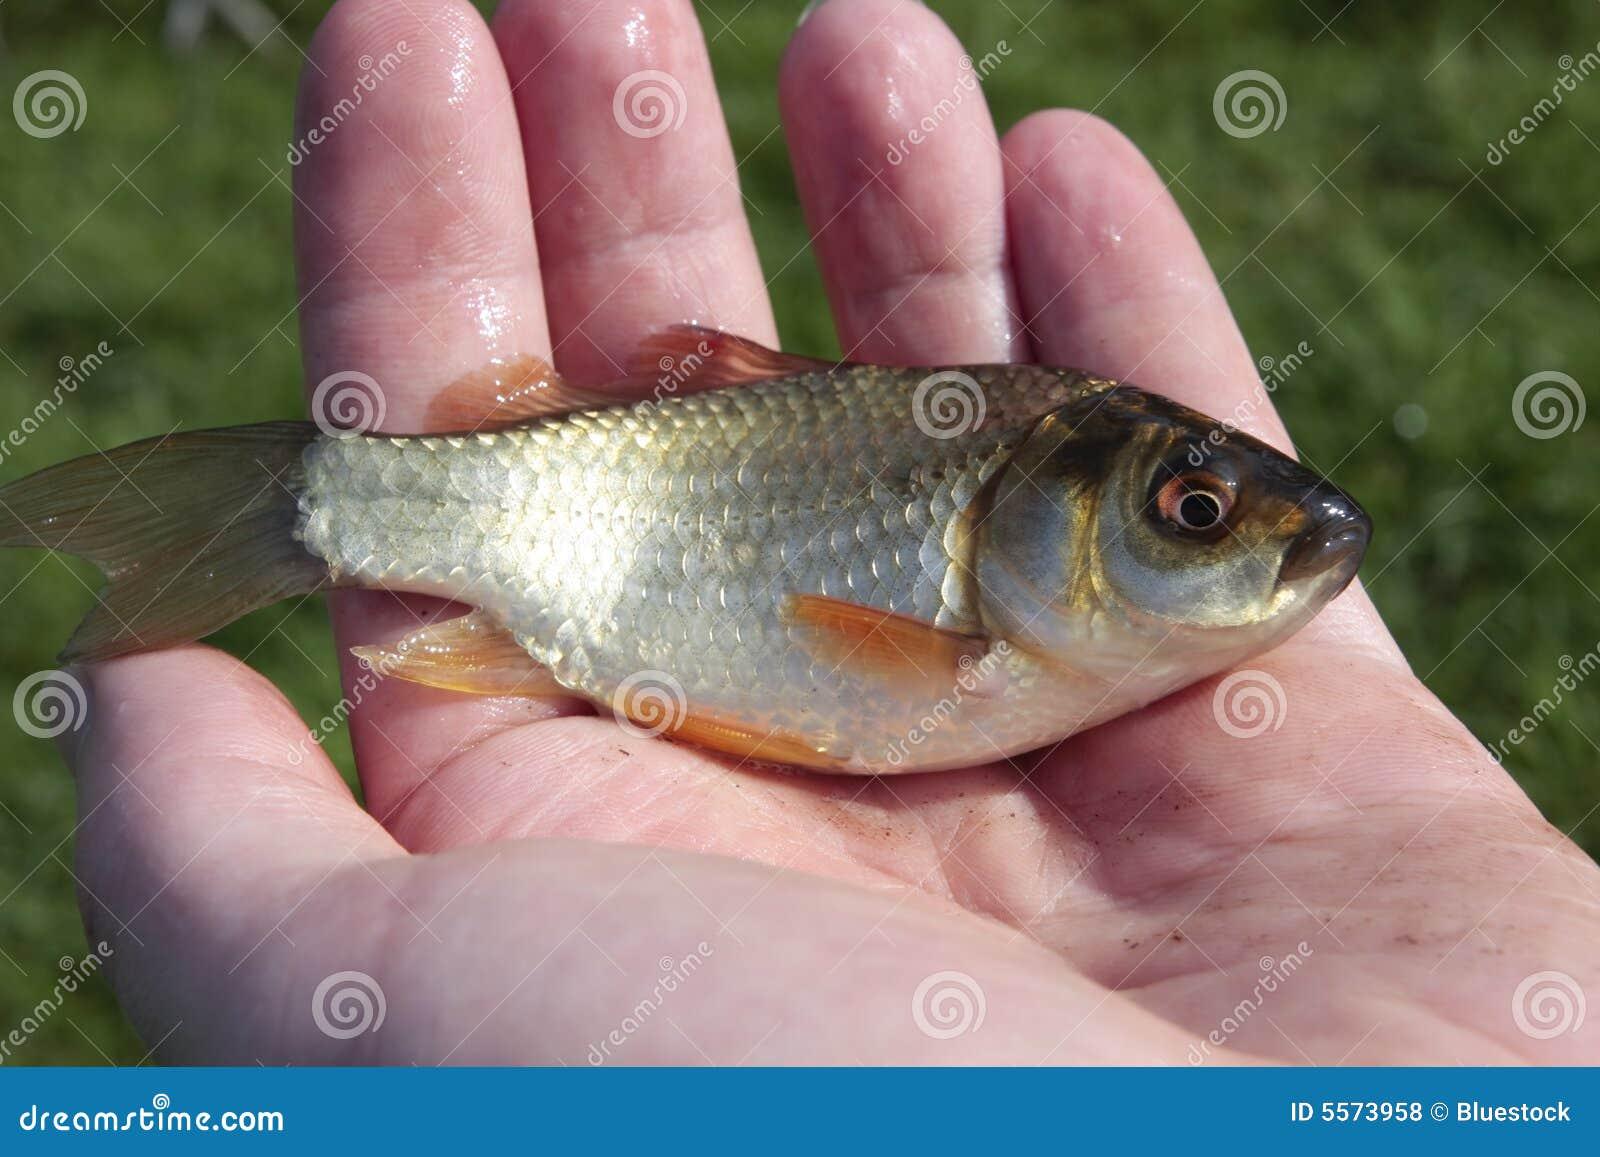 Kleine fische in der hand des mannes lizenzfreie for Kleine fische